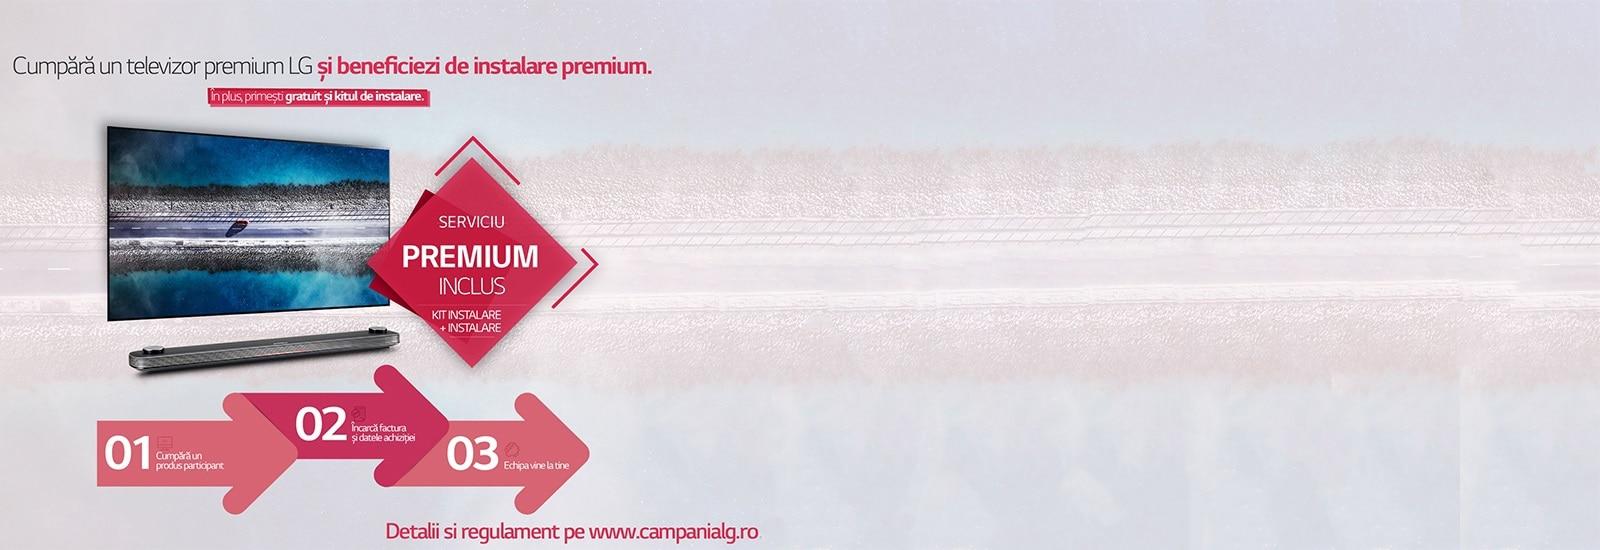 SERVICIU <br>PREMIUM INCLUS1